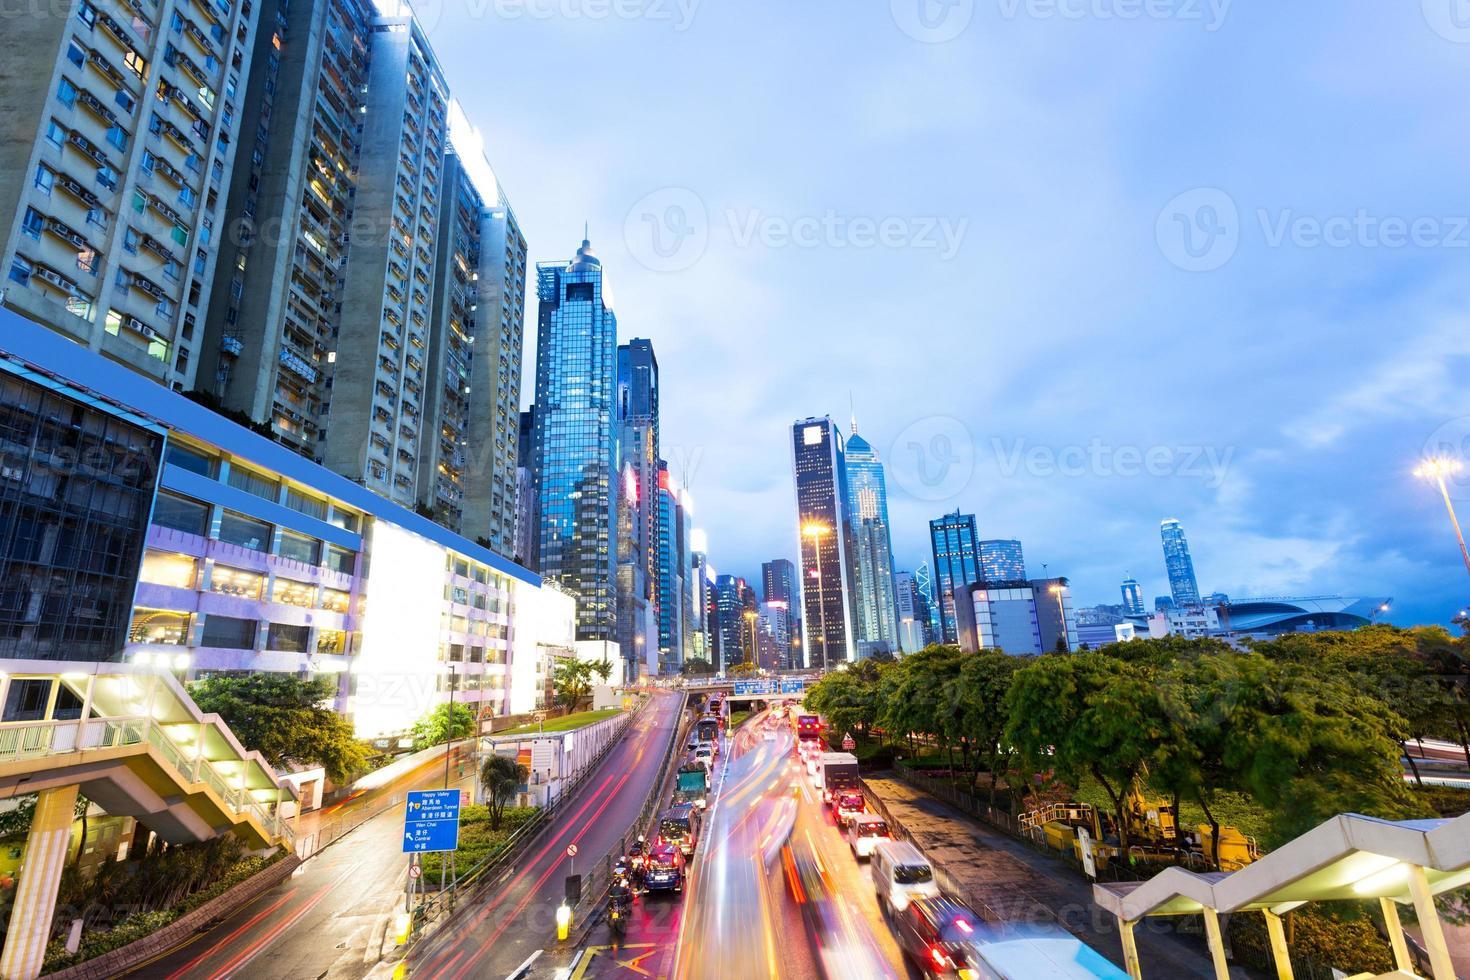 verkeer in de moderne stad 's nachts foto